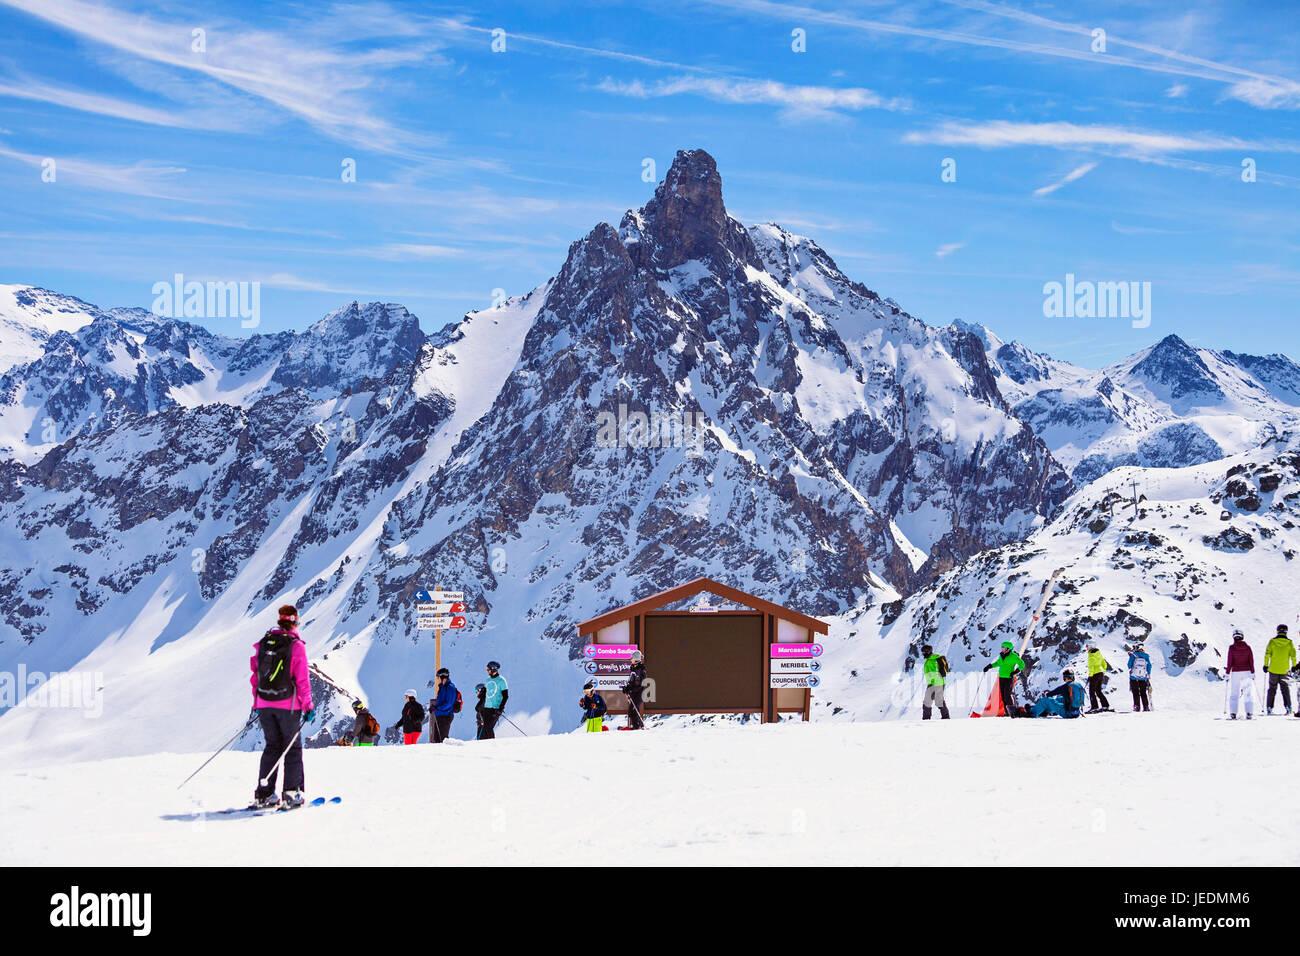 Sommet de Saulire, Meribel, Three Valleys - Stock Image